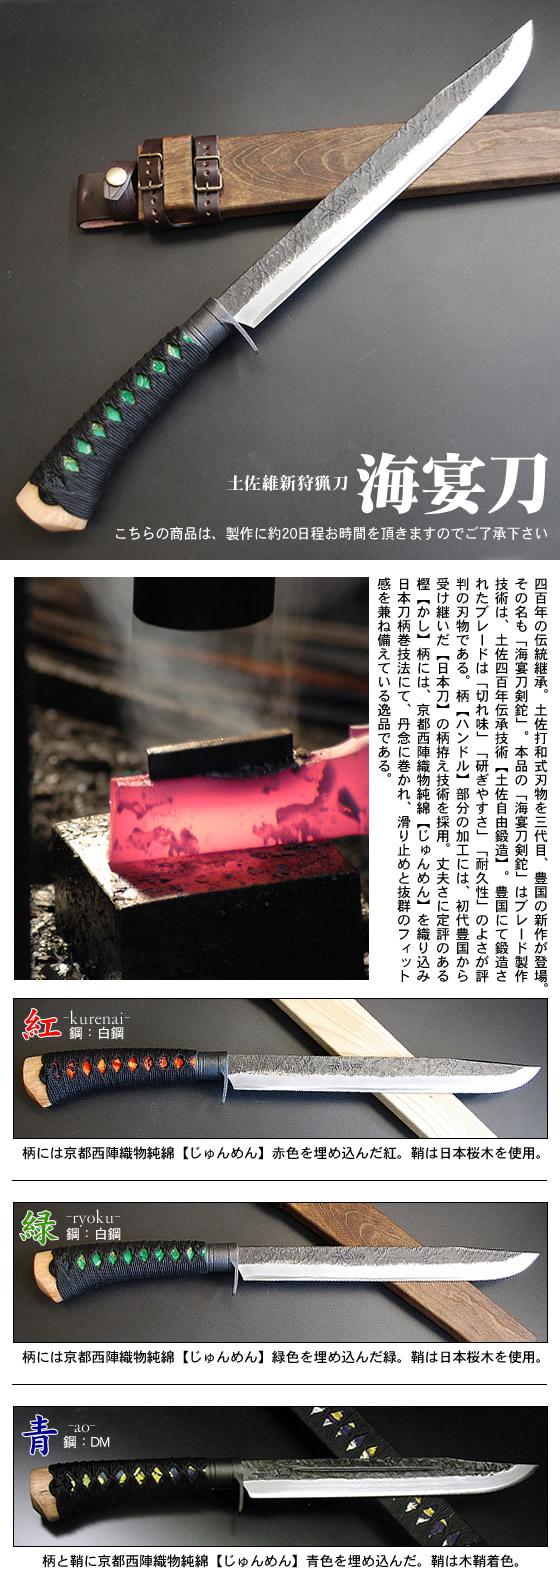 【三代目 豊国作】 土佐維新狩猟刀 海宴刀